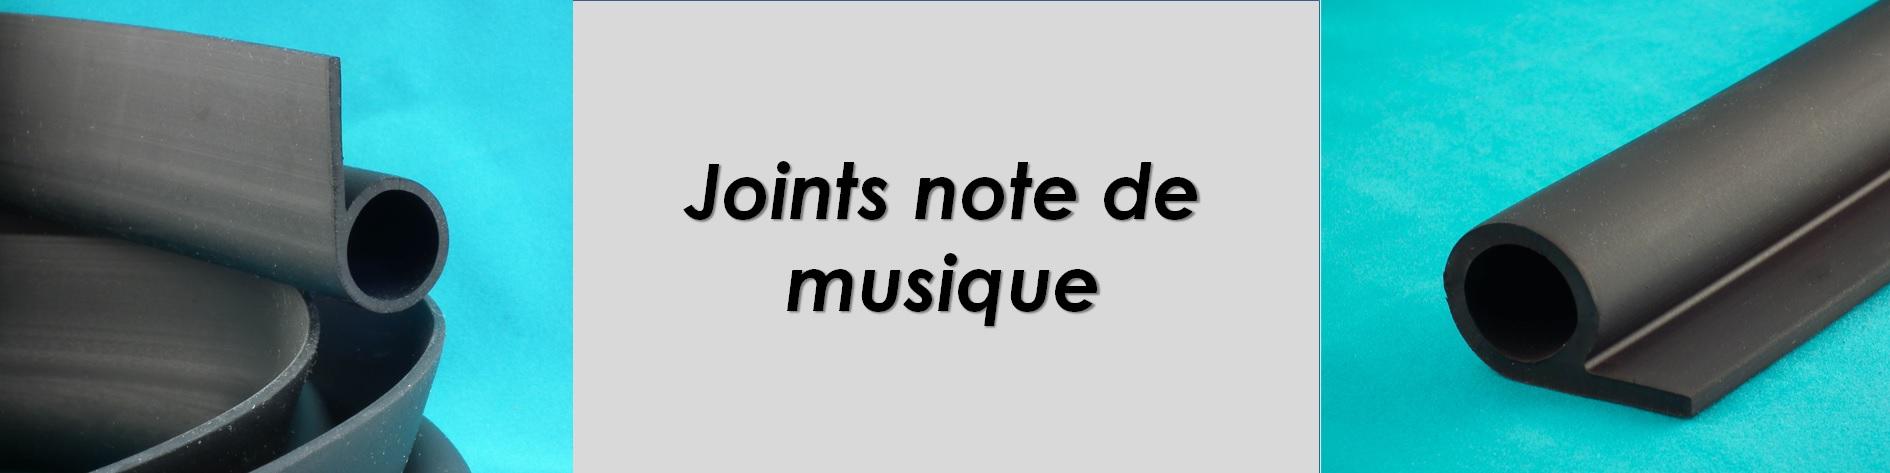 Joint note de musique